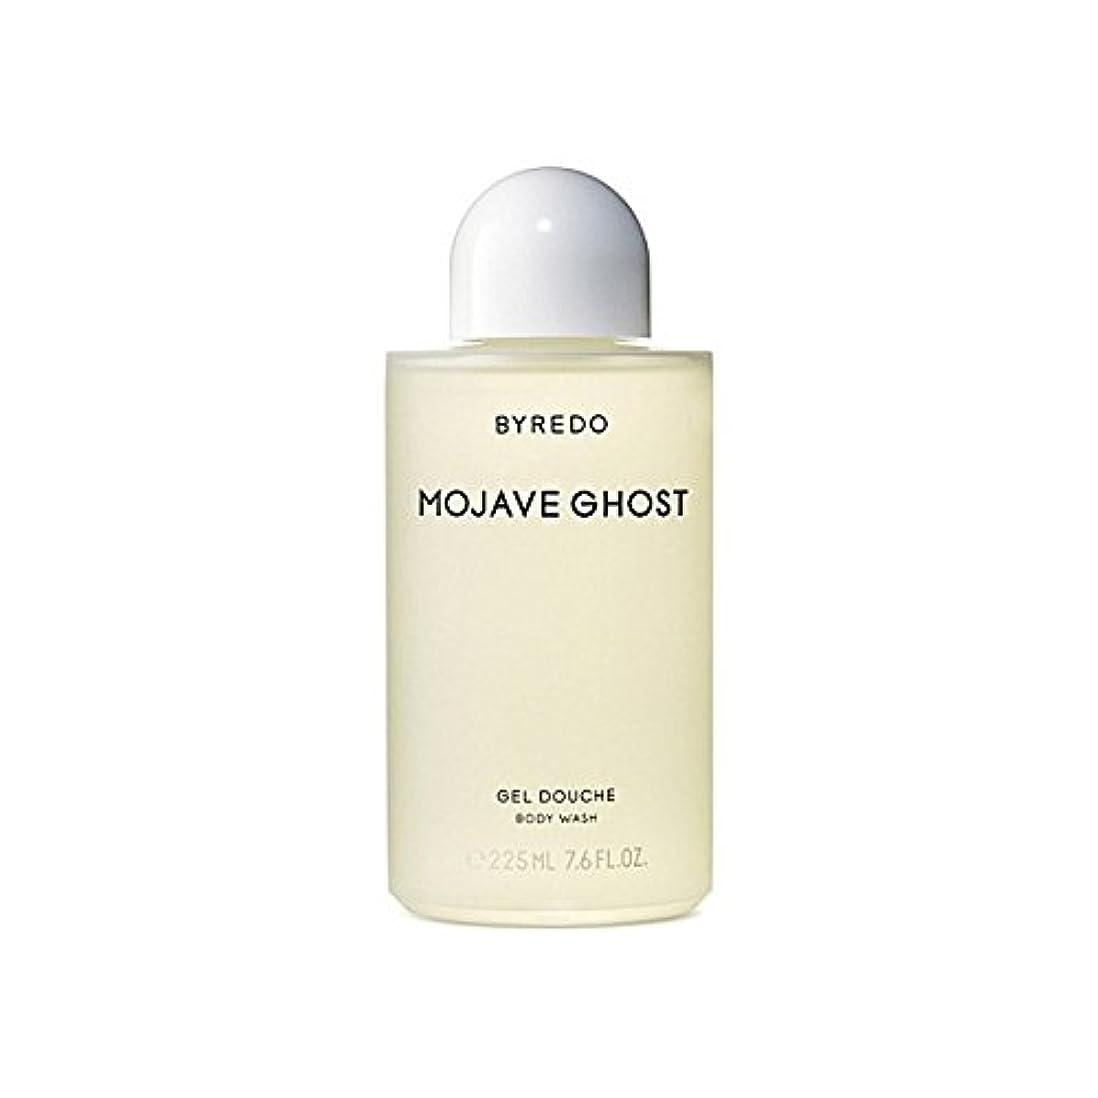 がっかりした耐久競合他社選手Byredo Mojave Ghost Body Wash 225ml - モハーベゴーストボディウォッシュ225ミリリットル [並行輸入品]